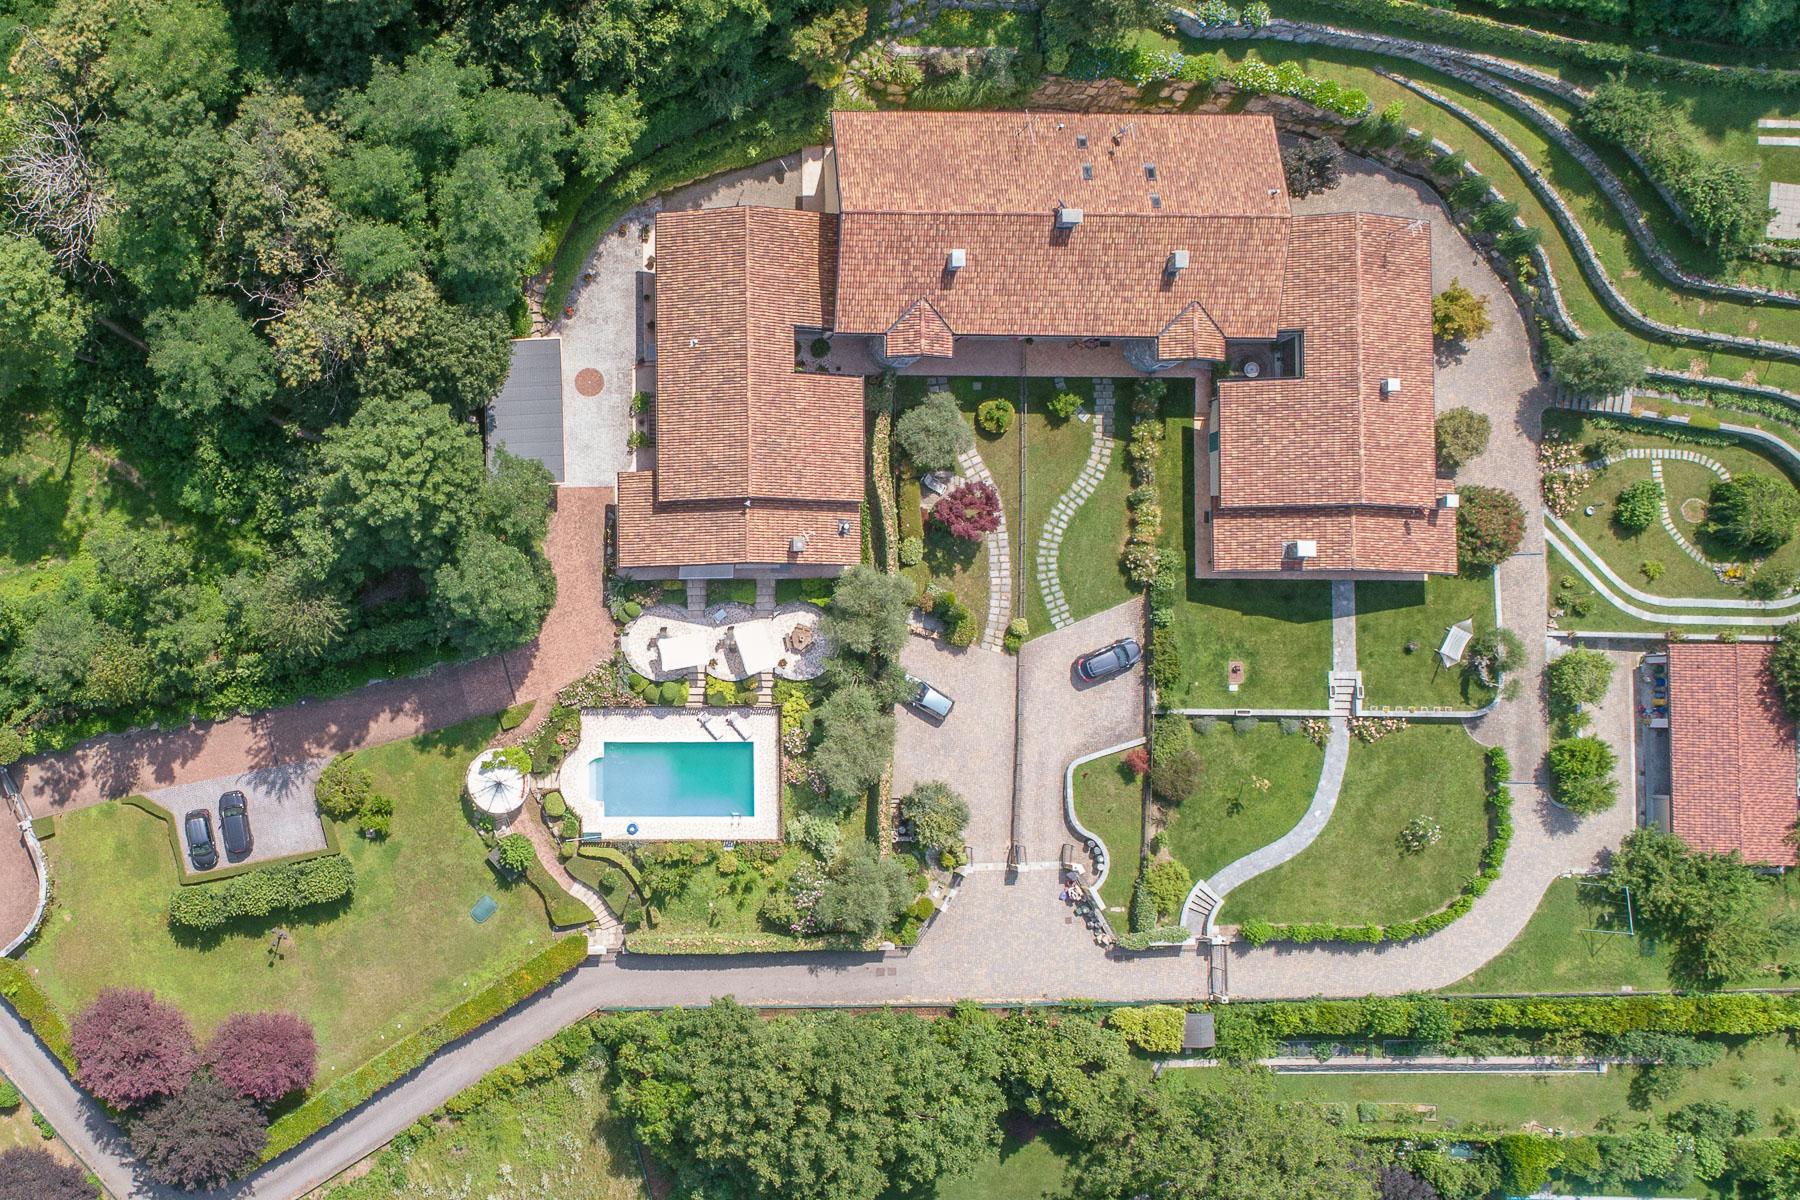 Villa in Vendita a Besozzo: 5 locali, 426 mq - Foto 27